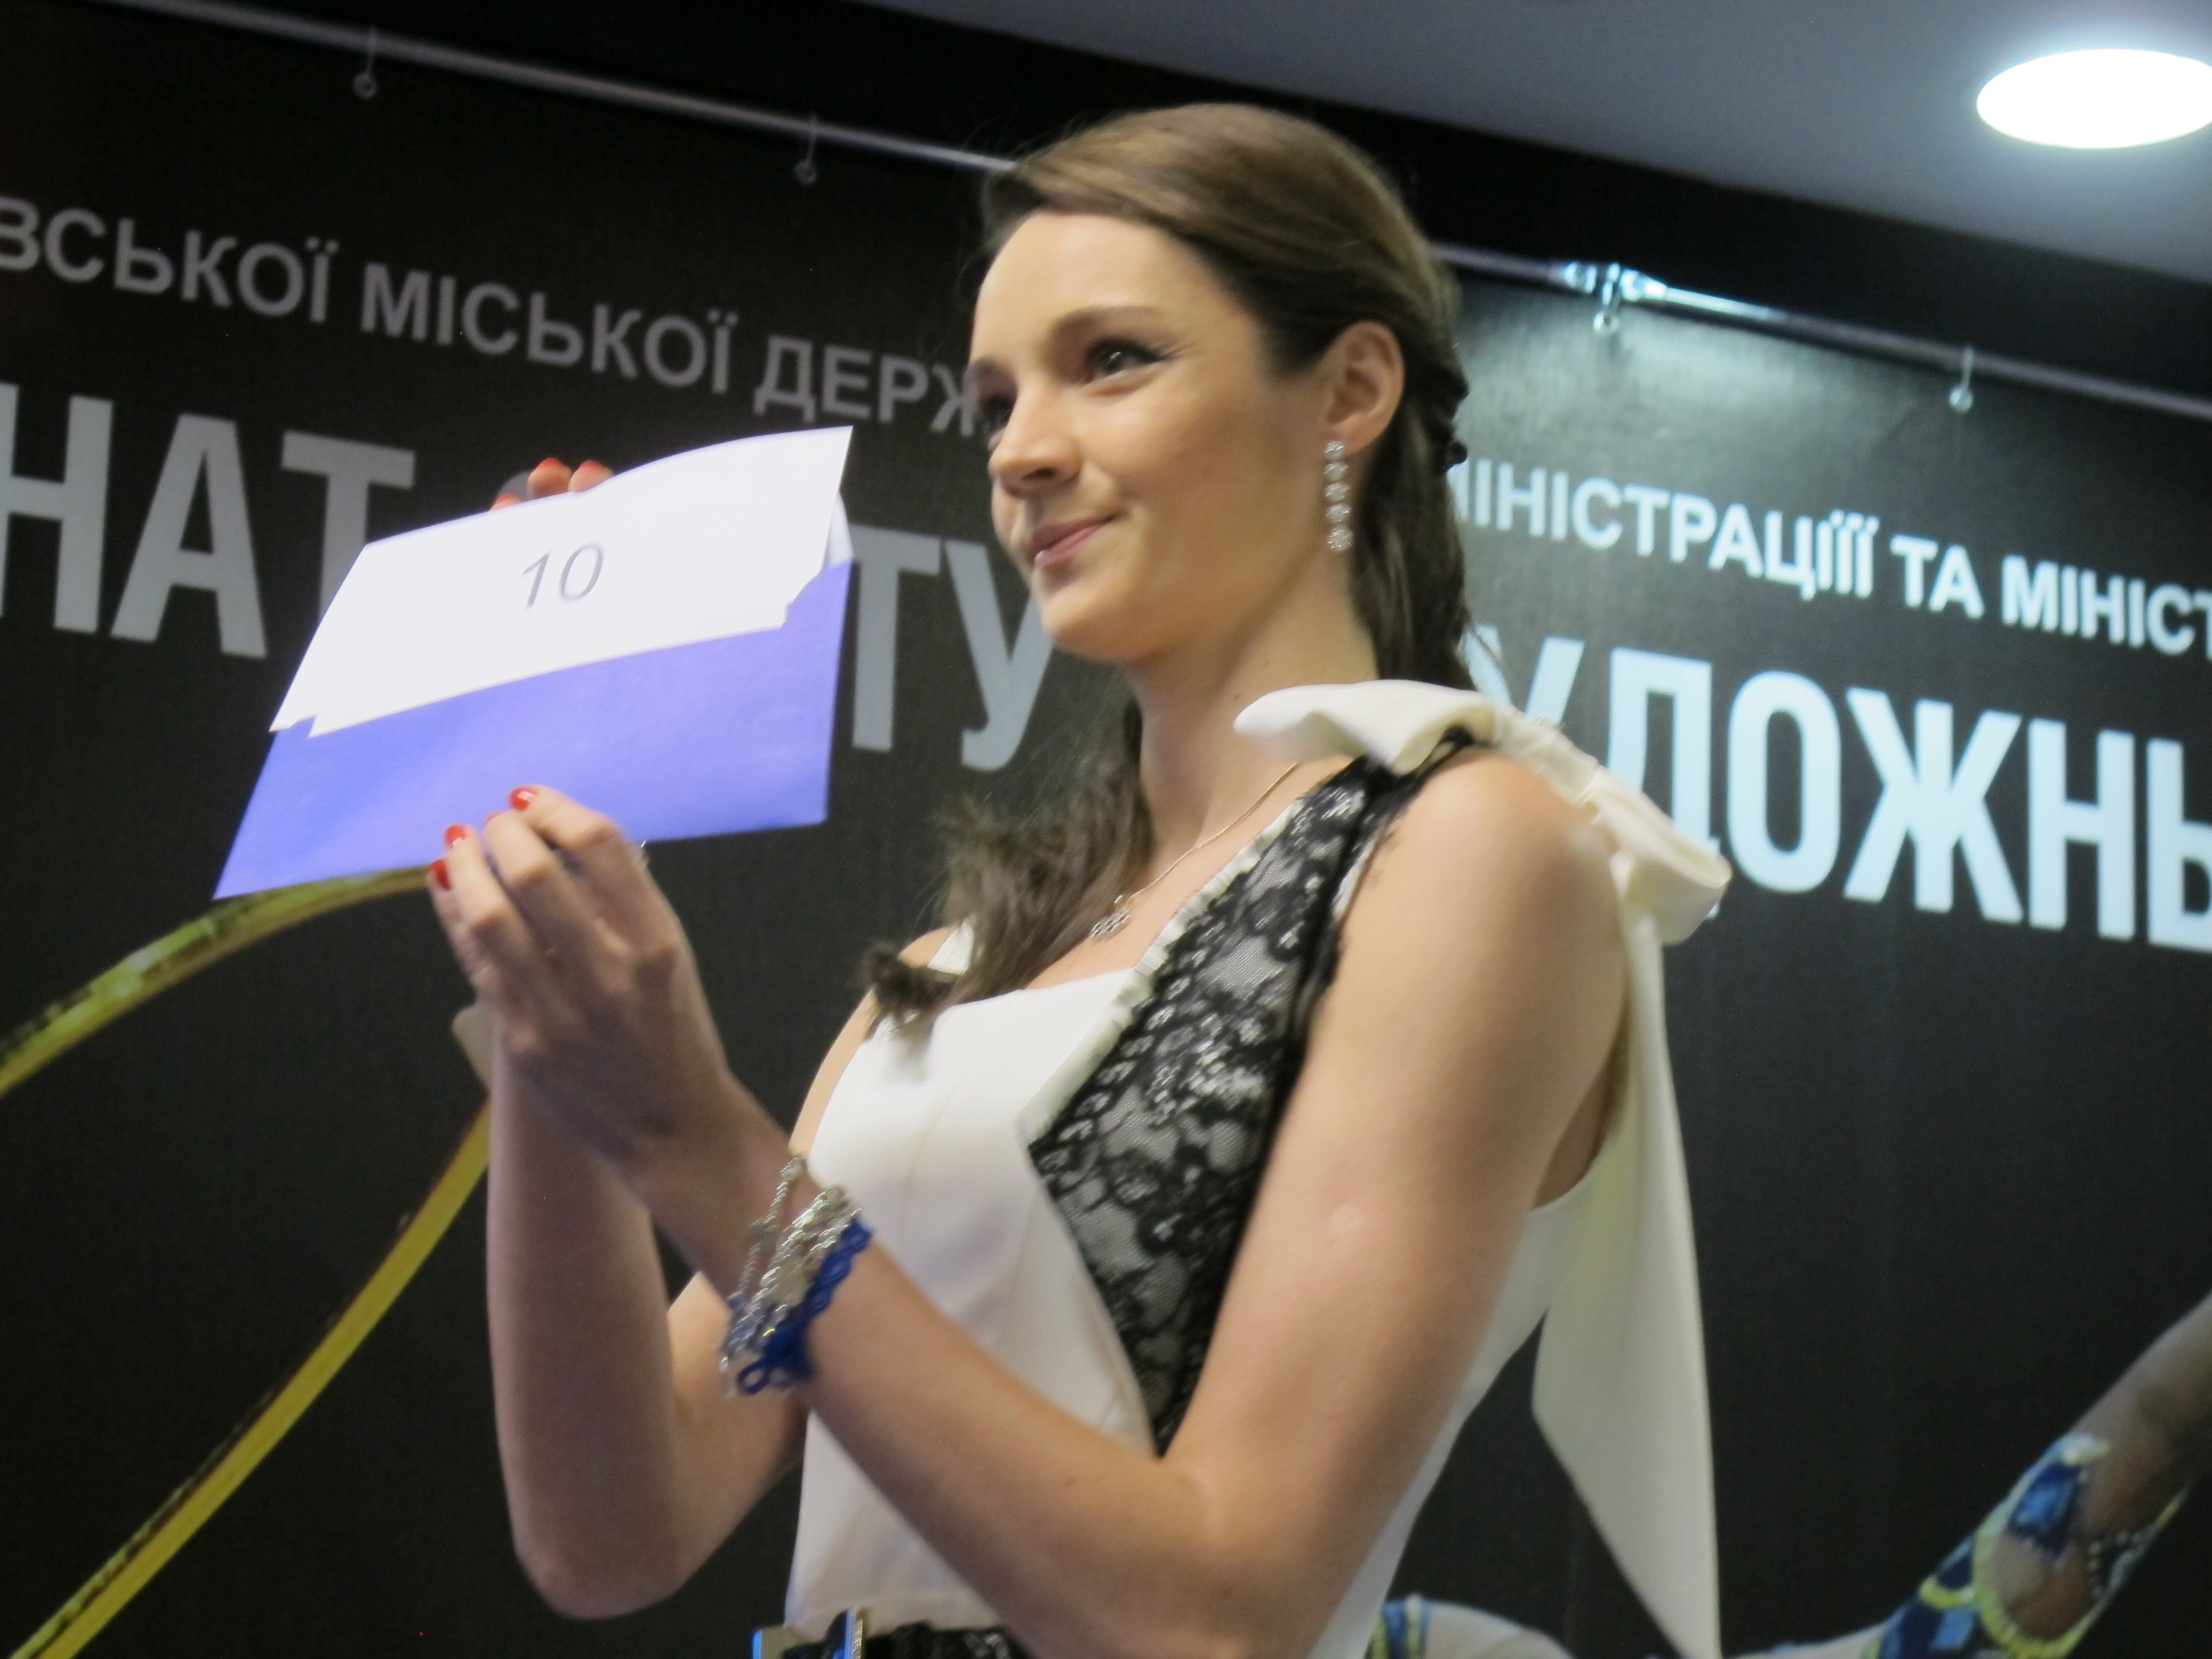 Жеребьевка чемпионата мира по художественной гимнастике